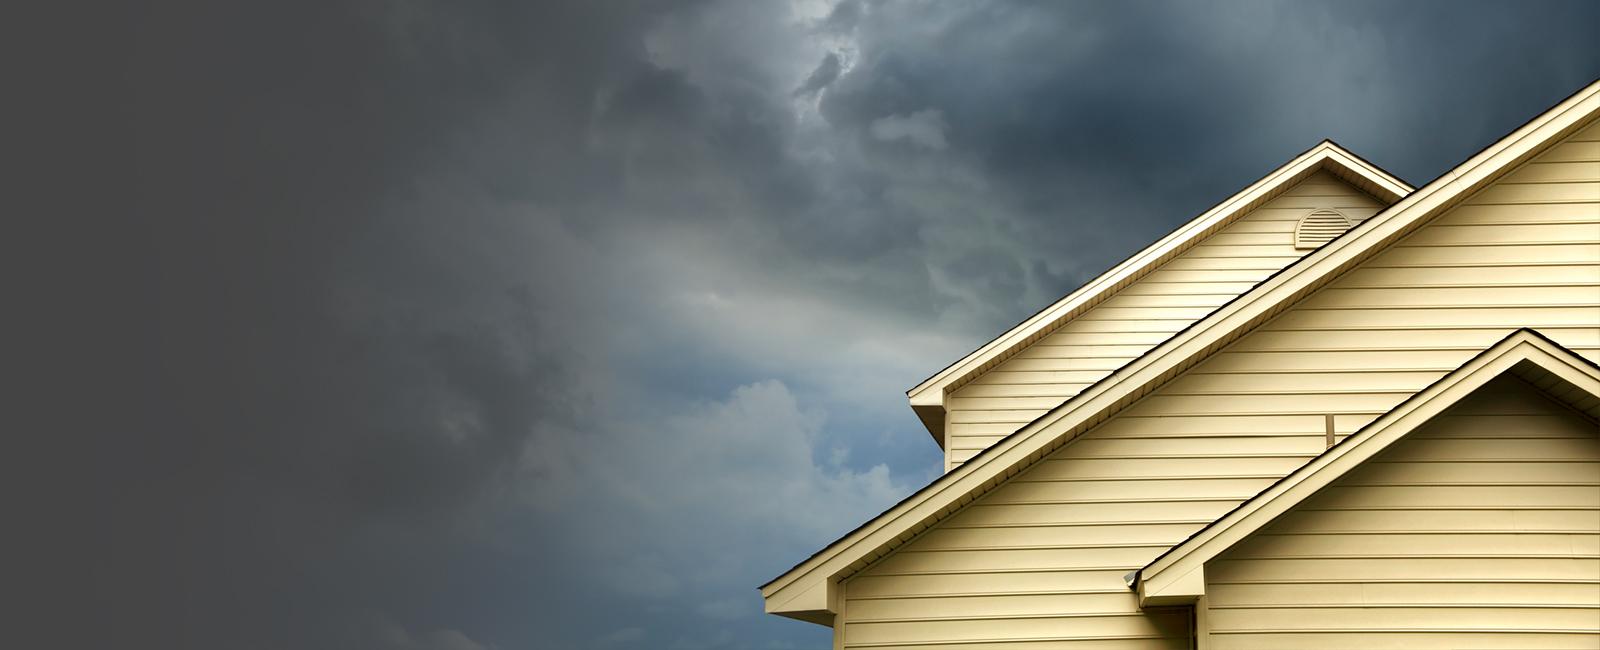 Bleiler Home Insurance